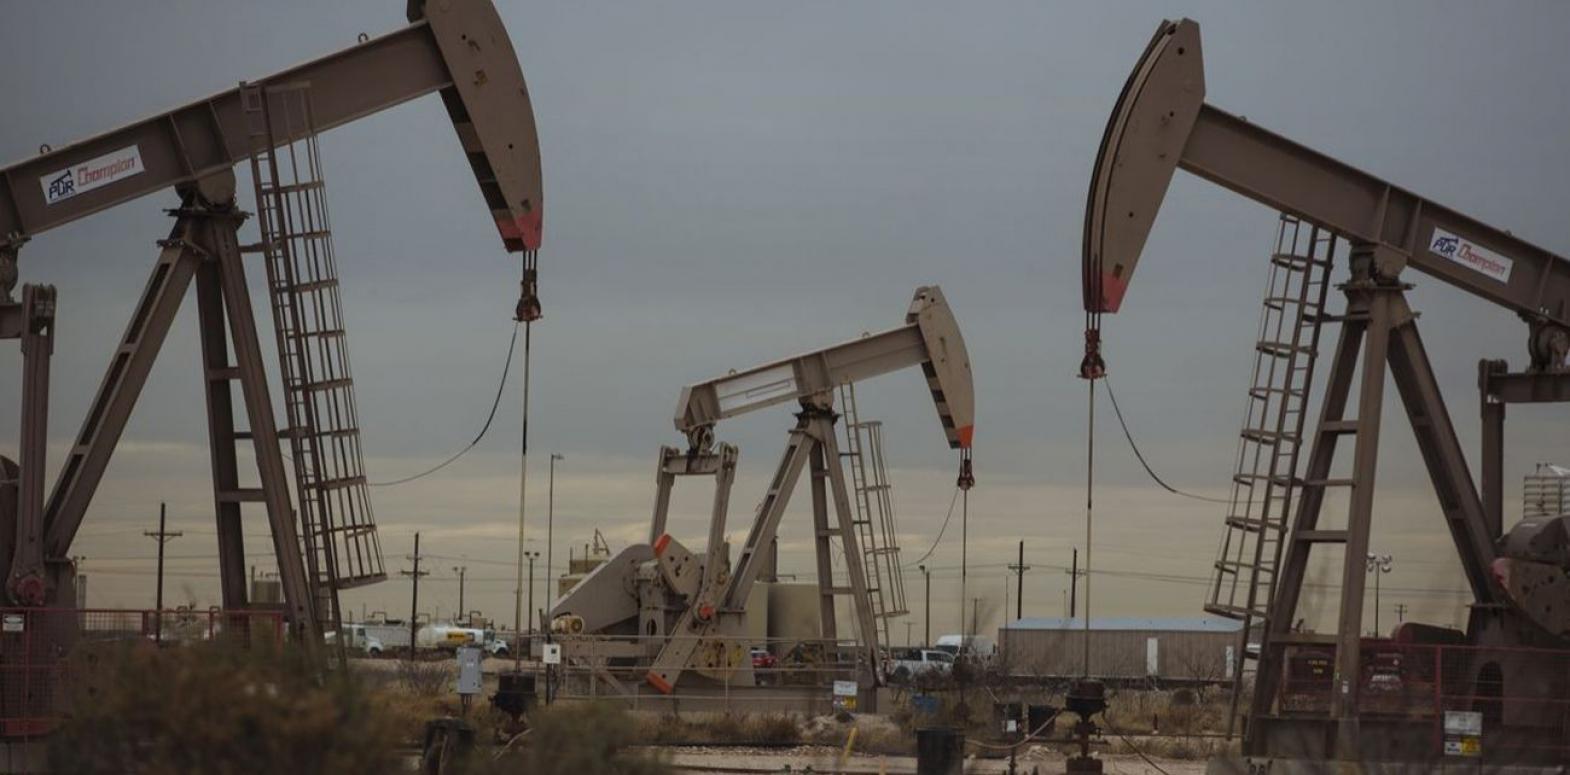 Эксперты не исключают роста цены нефти до 100-150 долларов